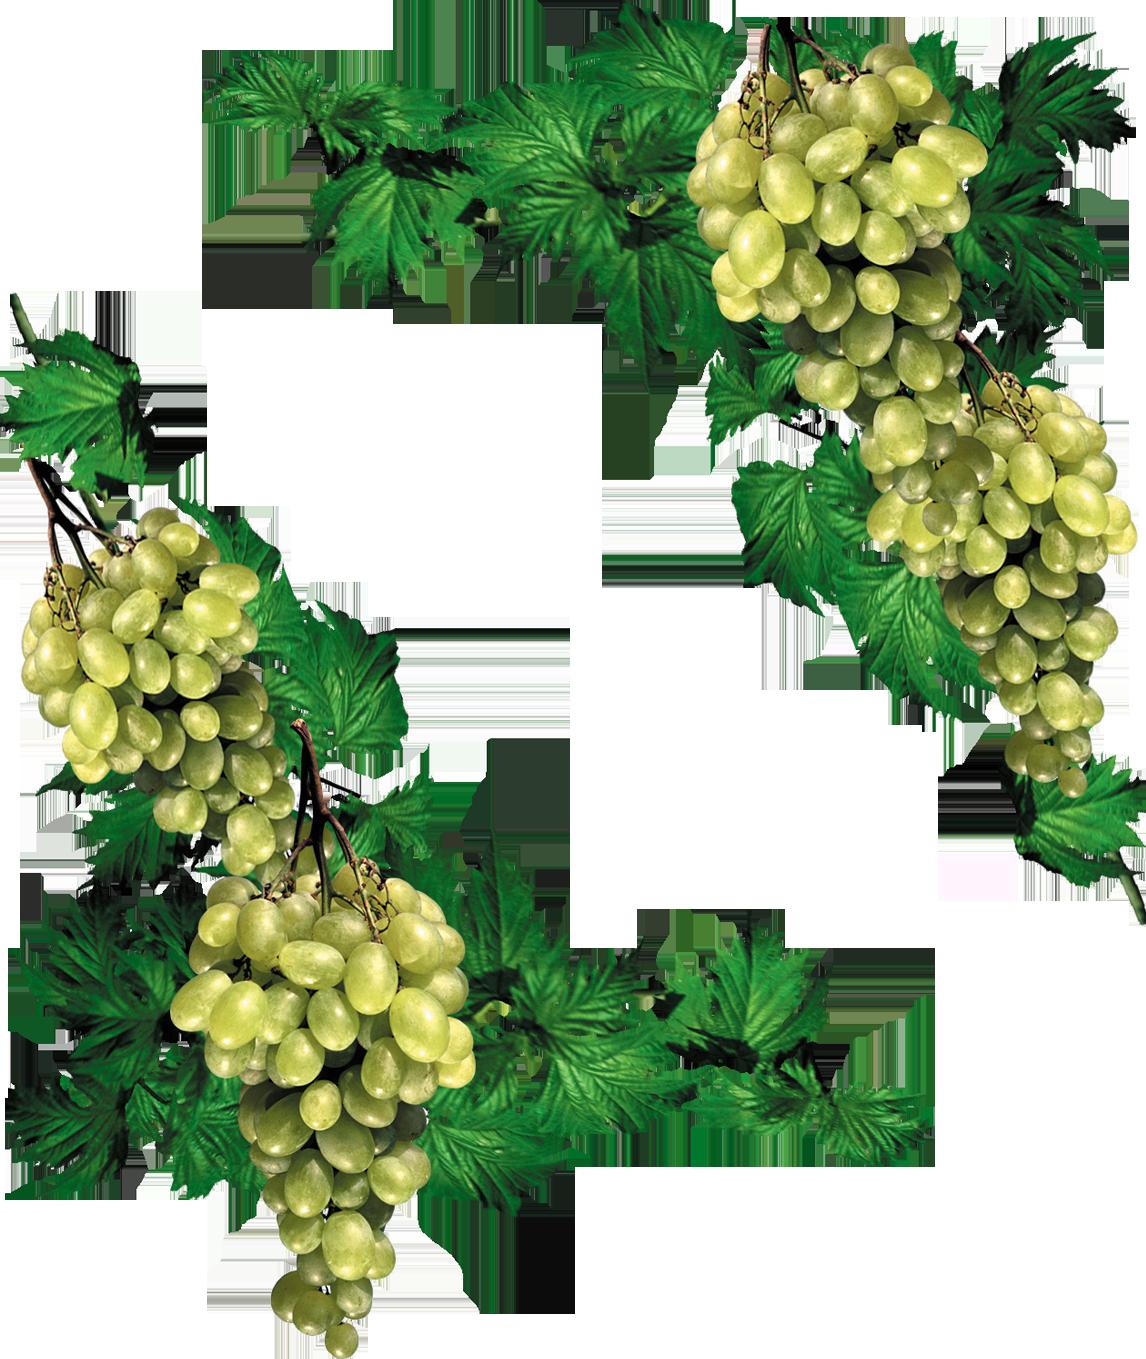 виноград картинки уголки что редкие